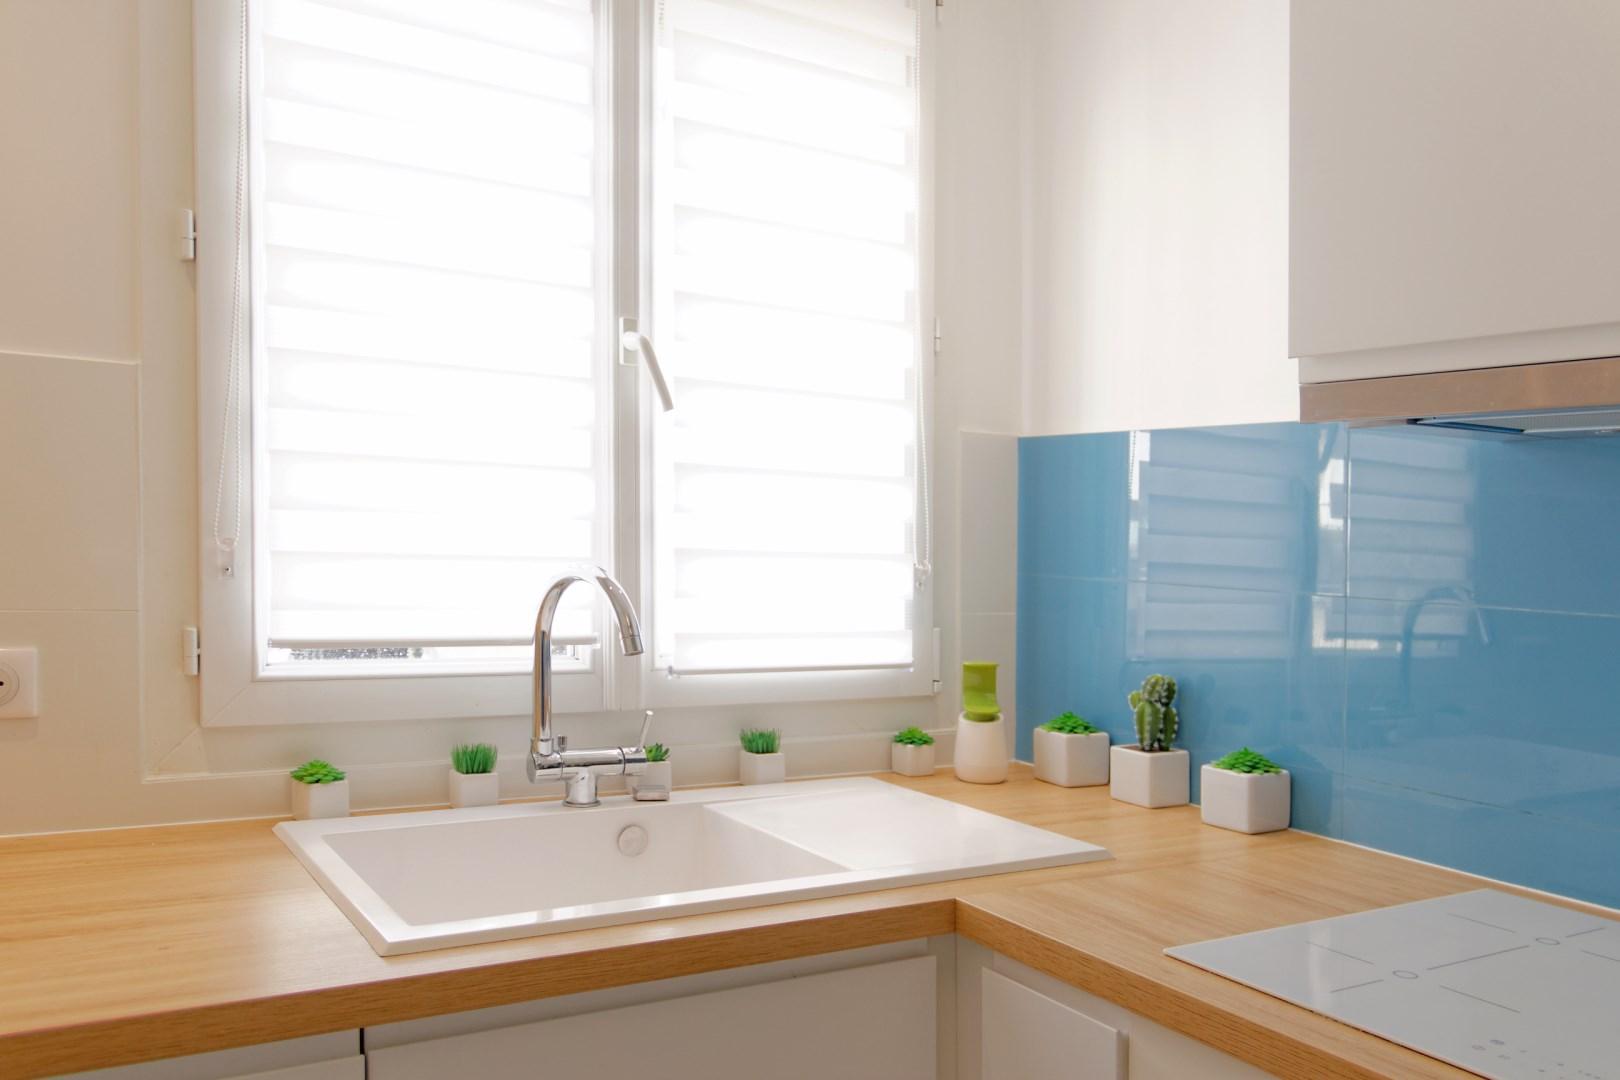 verri re atelier carreaux ciment ambiance bleu canard. Black Bedroom Furniture Sets. Home Design Ideas